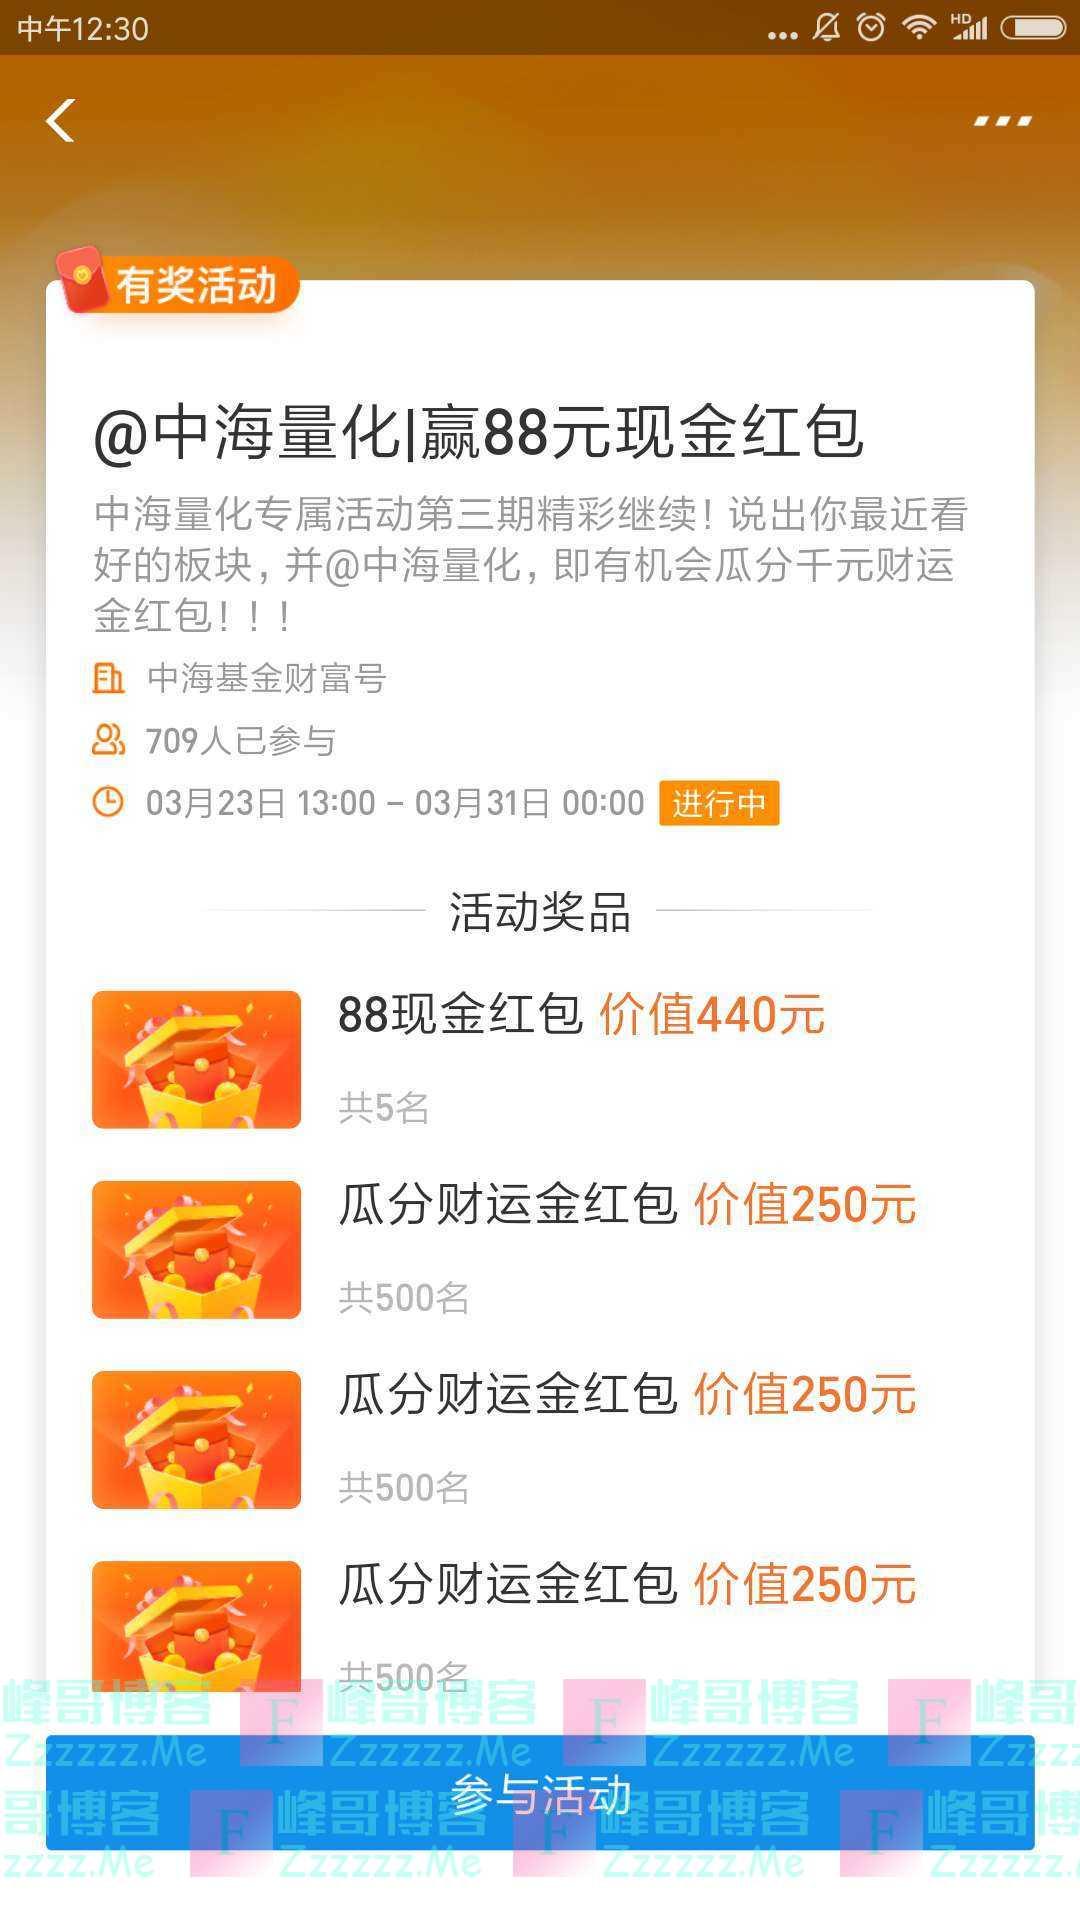 中海基金中海量化赢88元现金红包(截止3月31日)